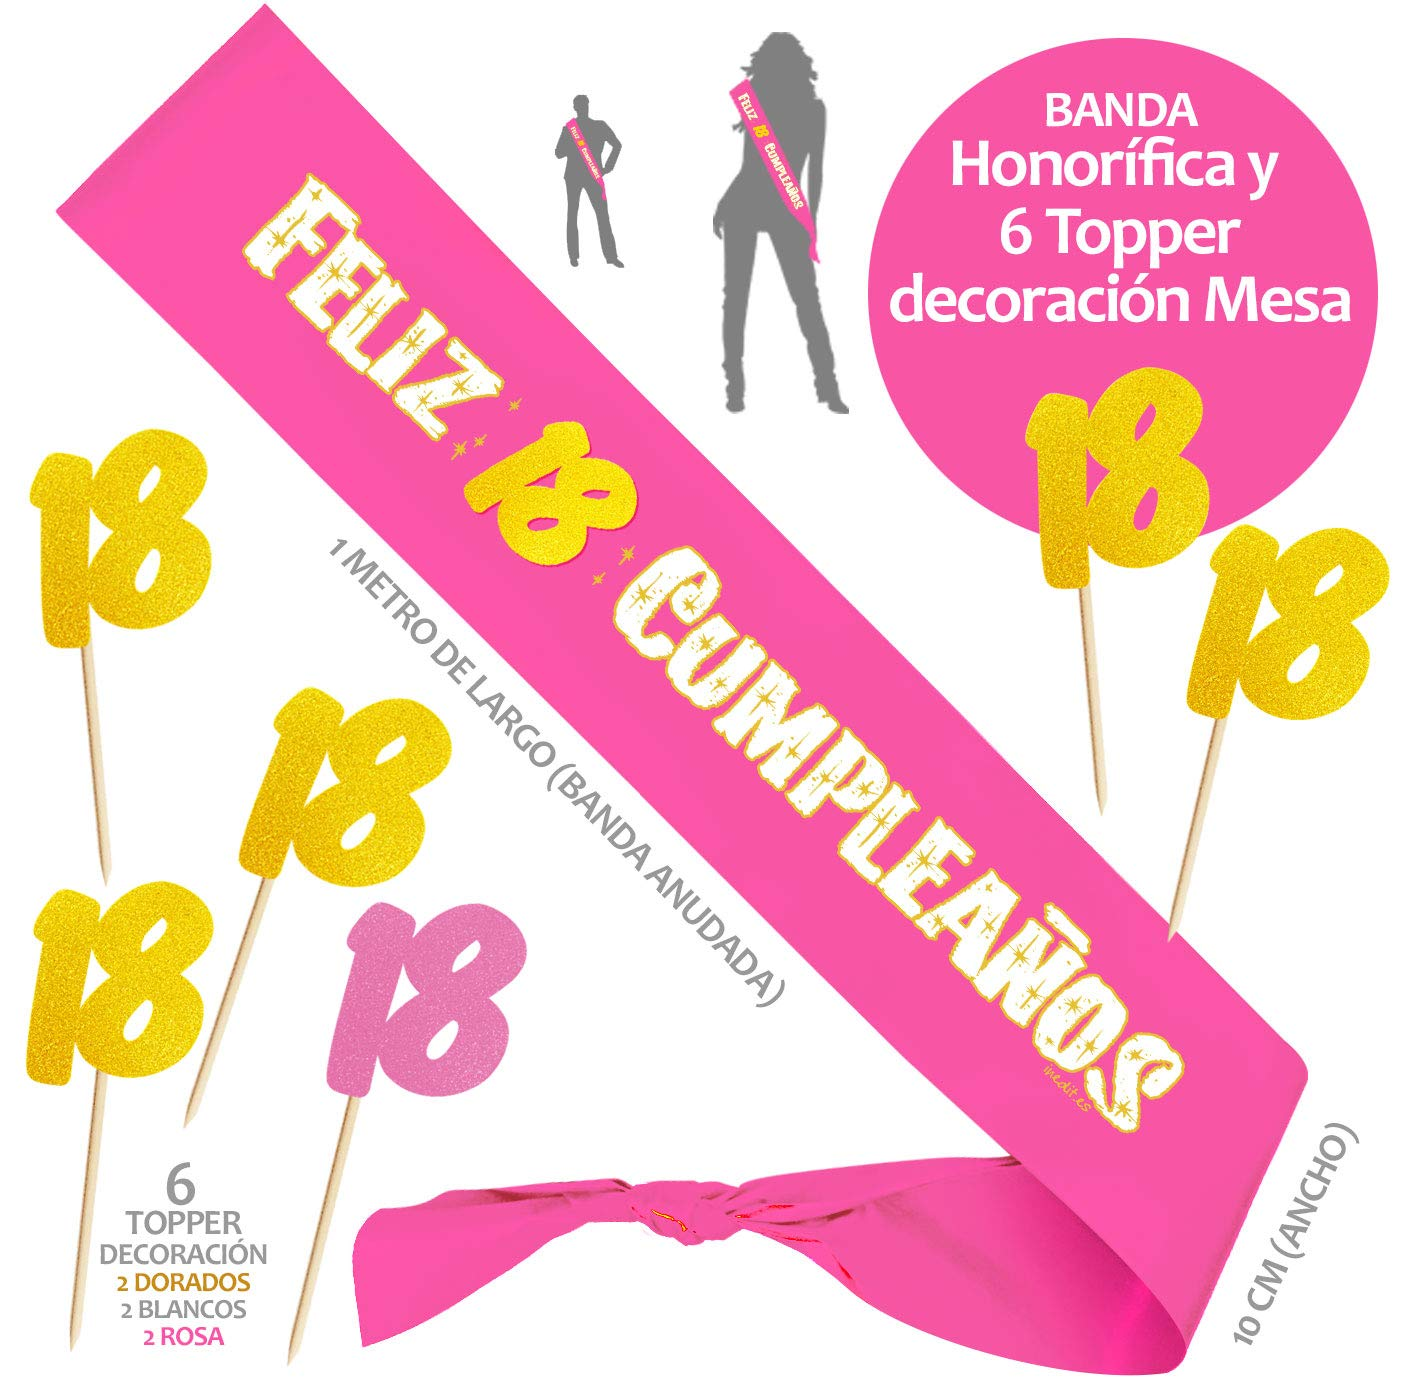 Inedit Festa - Banda 18 Años Cumpleaños Banda Honorífica ...